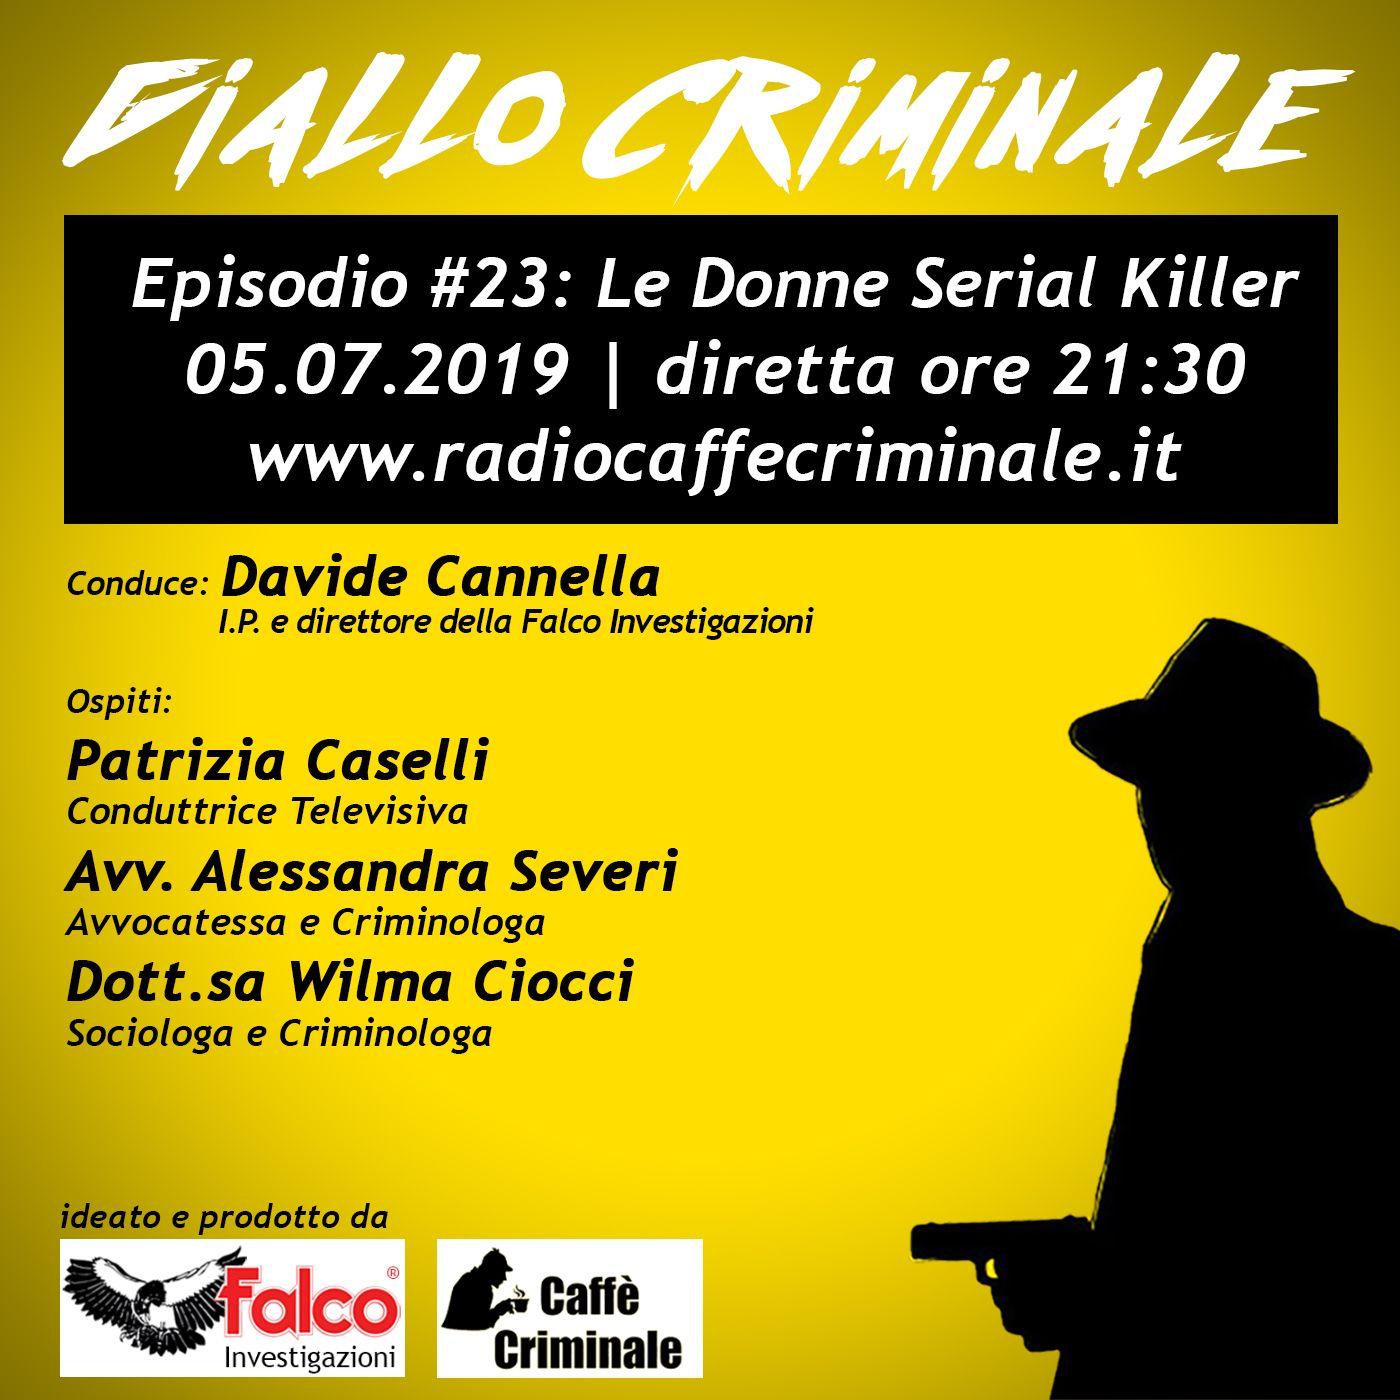 #23 Episodio | Le Donne Serial Killer_05.07.2019